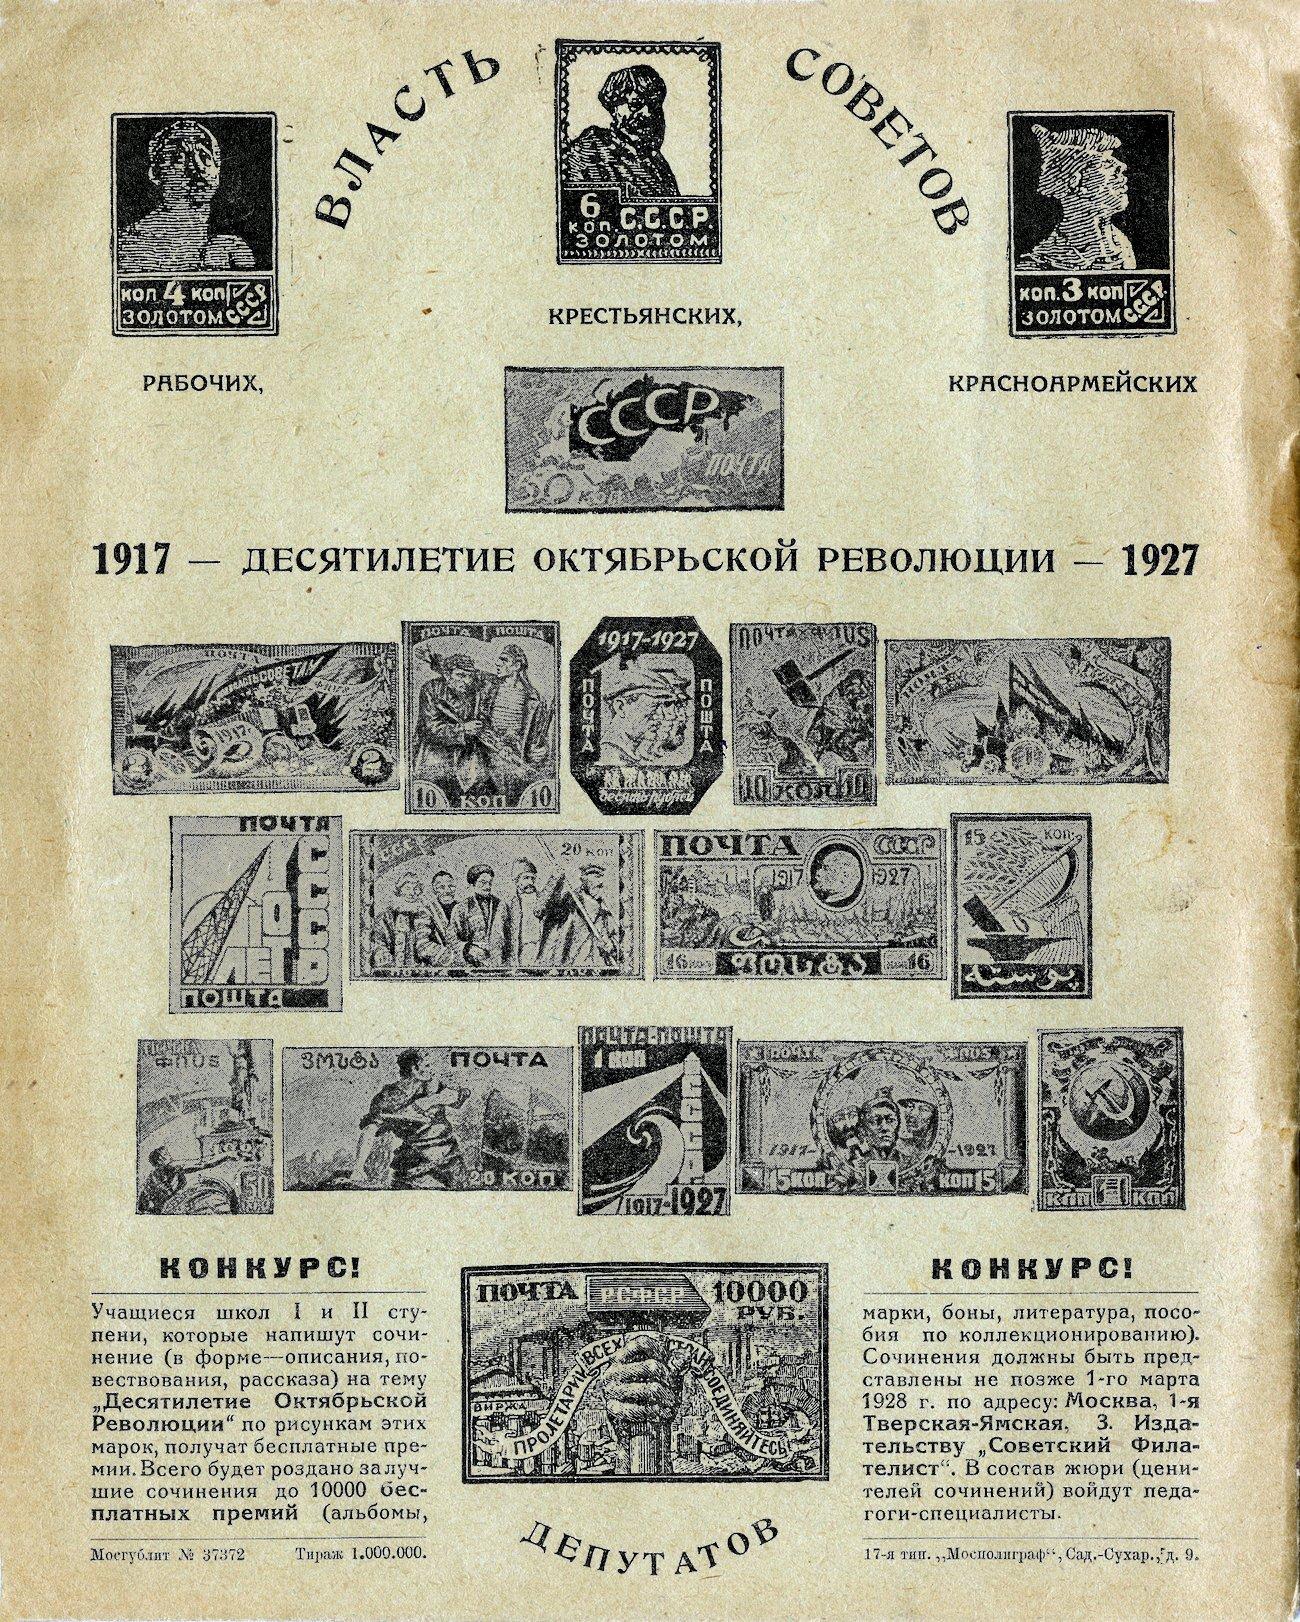 Издательство Советский филателист, 1927, оборот